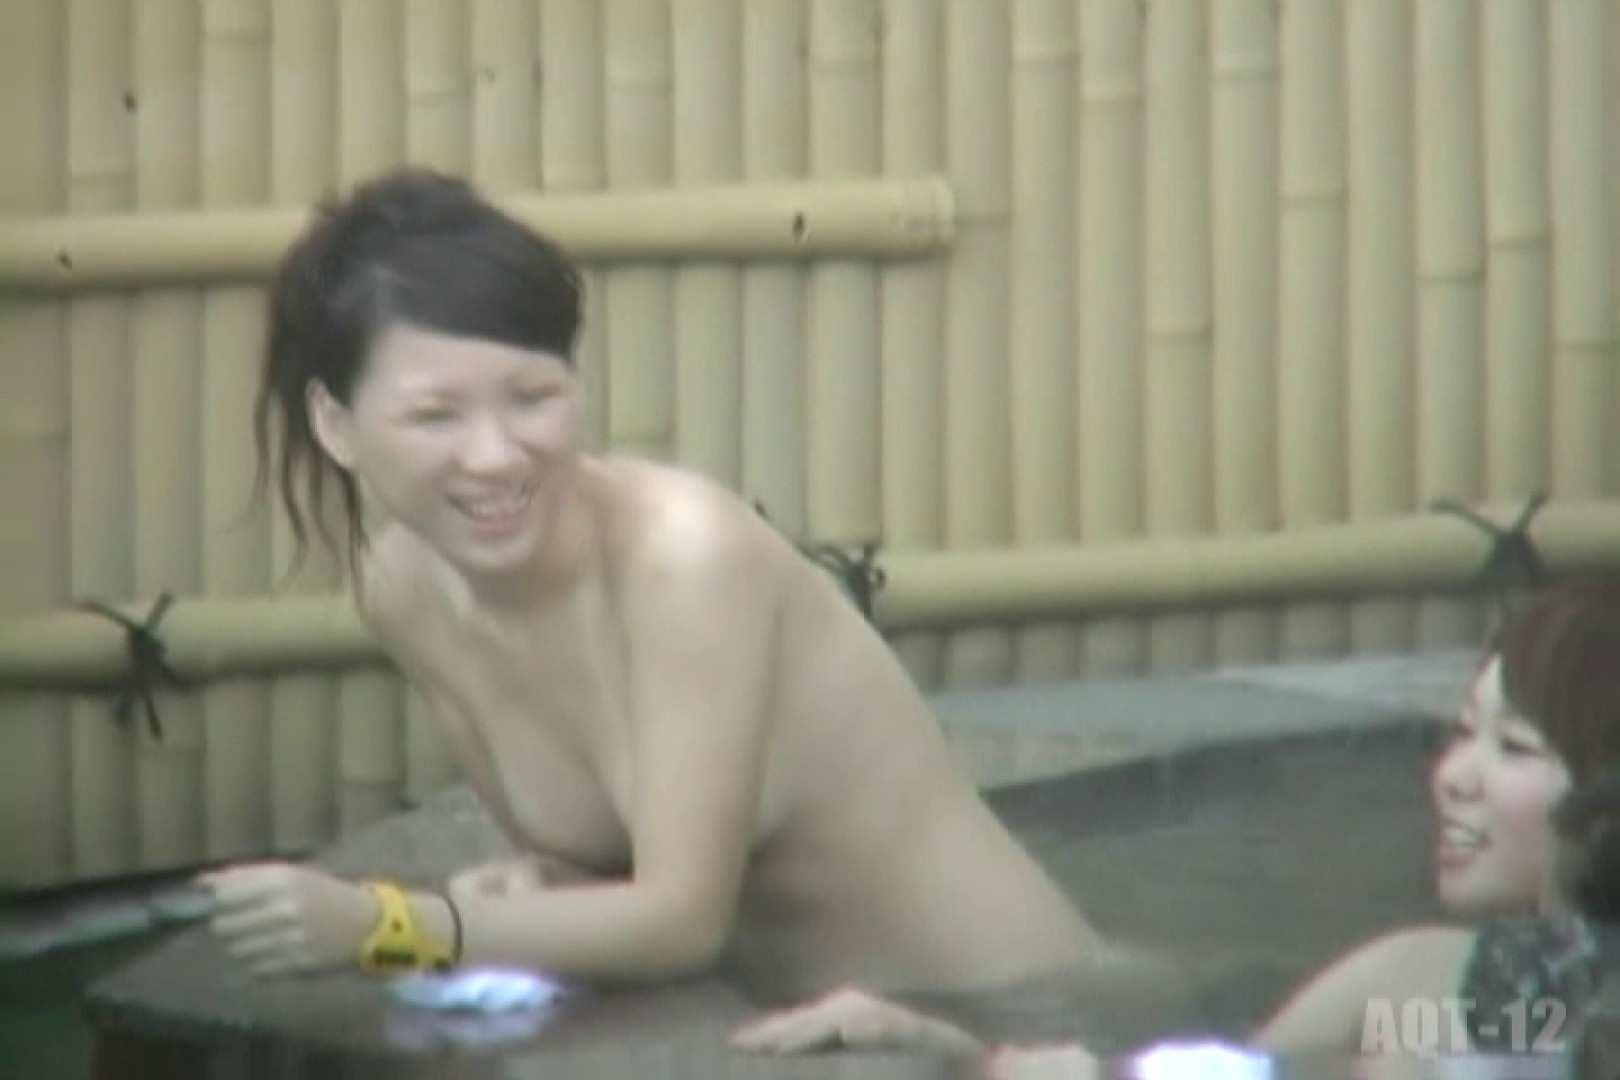 Aquaな露天風呂Vol.805 OL女体   女体盗撮  53連発 1